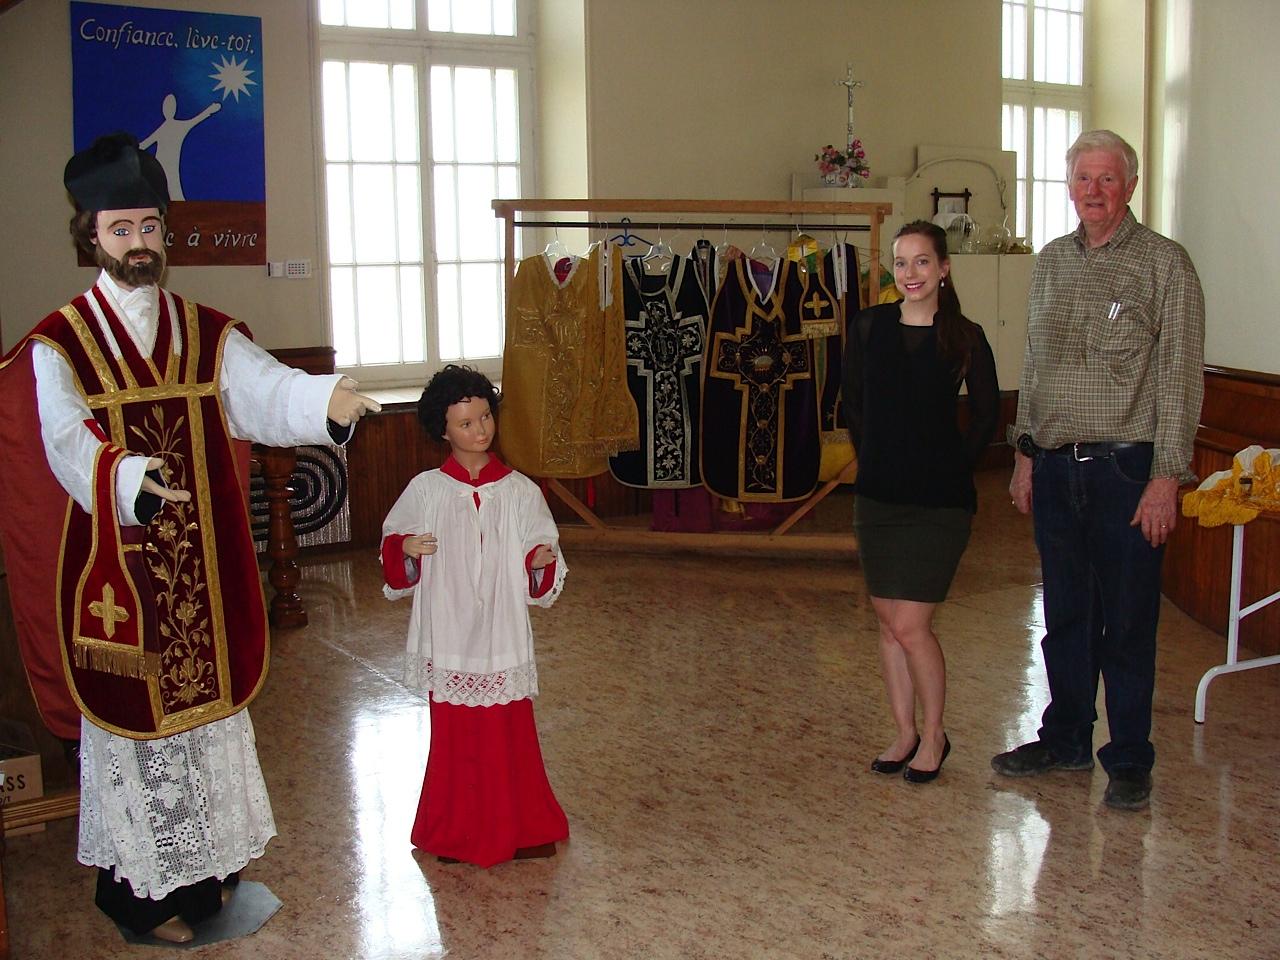 À la découverte d'une église et d'une collection de vêtements d'époque